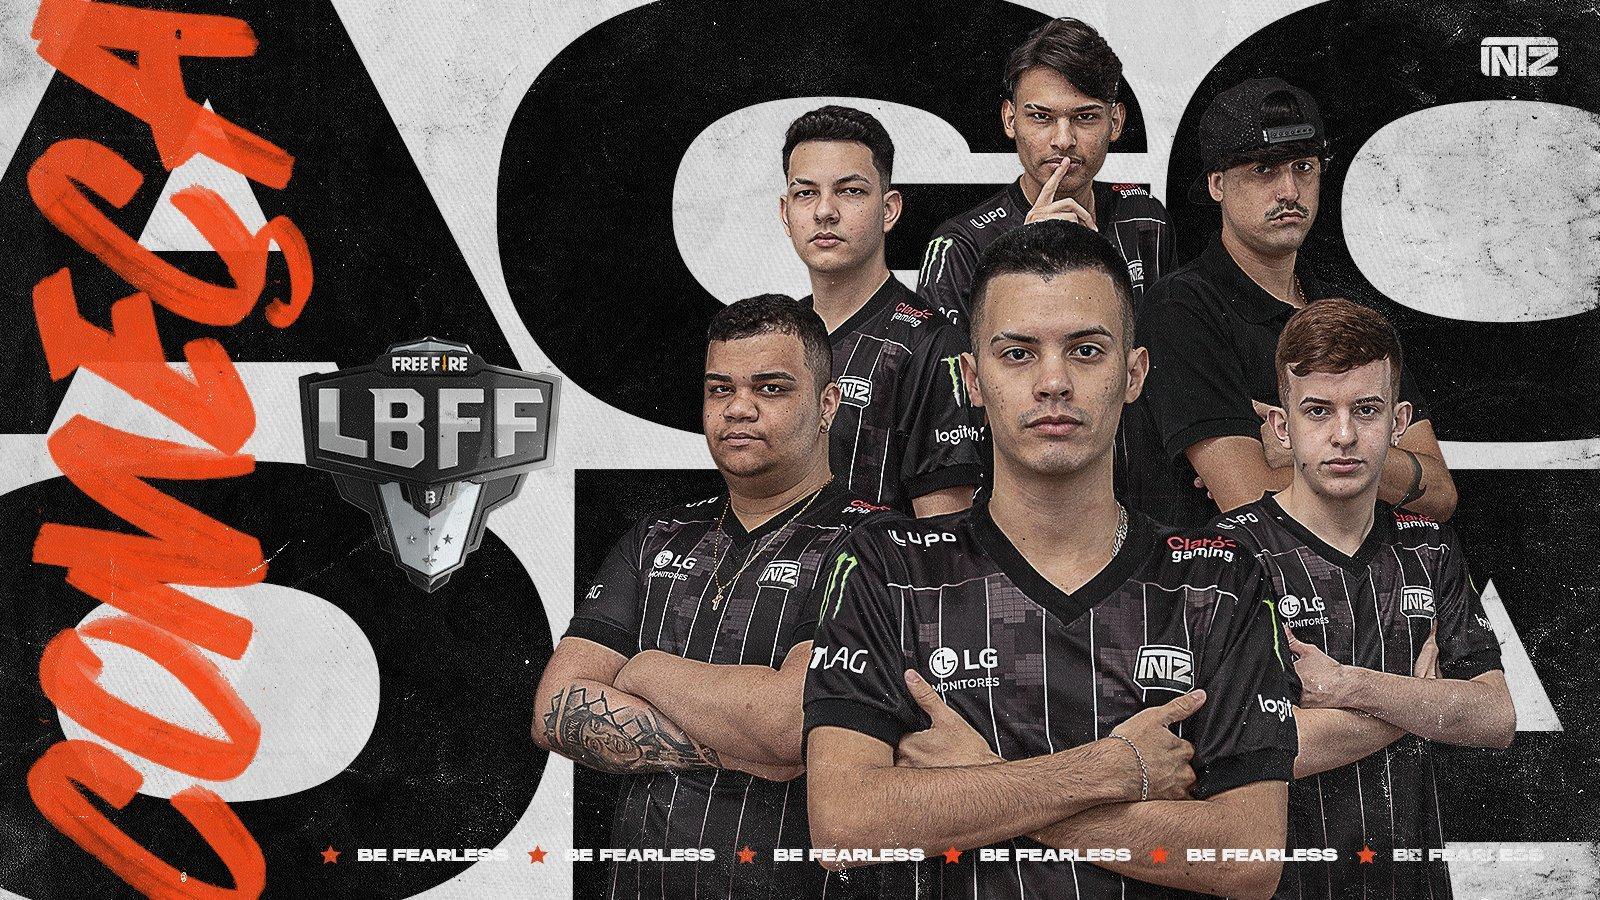 INTZ Free Fire anuncia novos jogadores na line-up para disputar a série B da LBFF